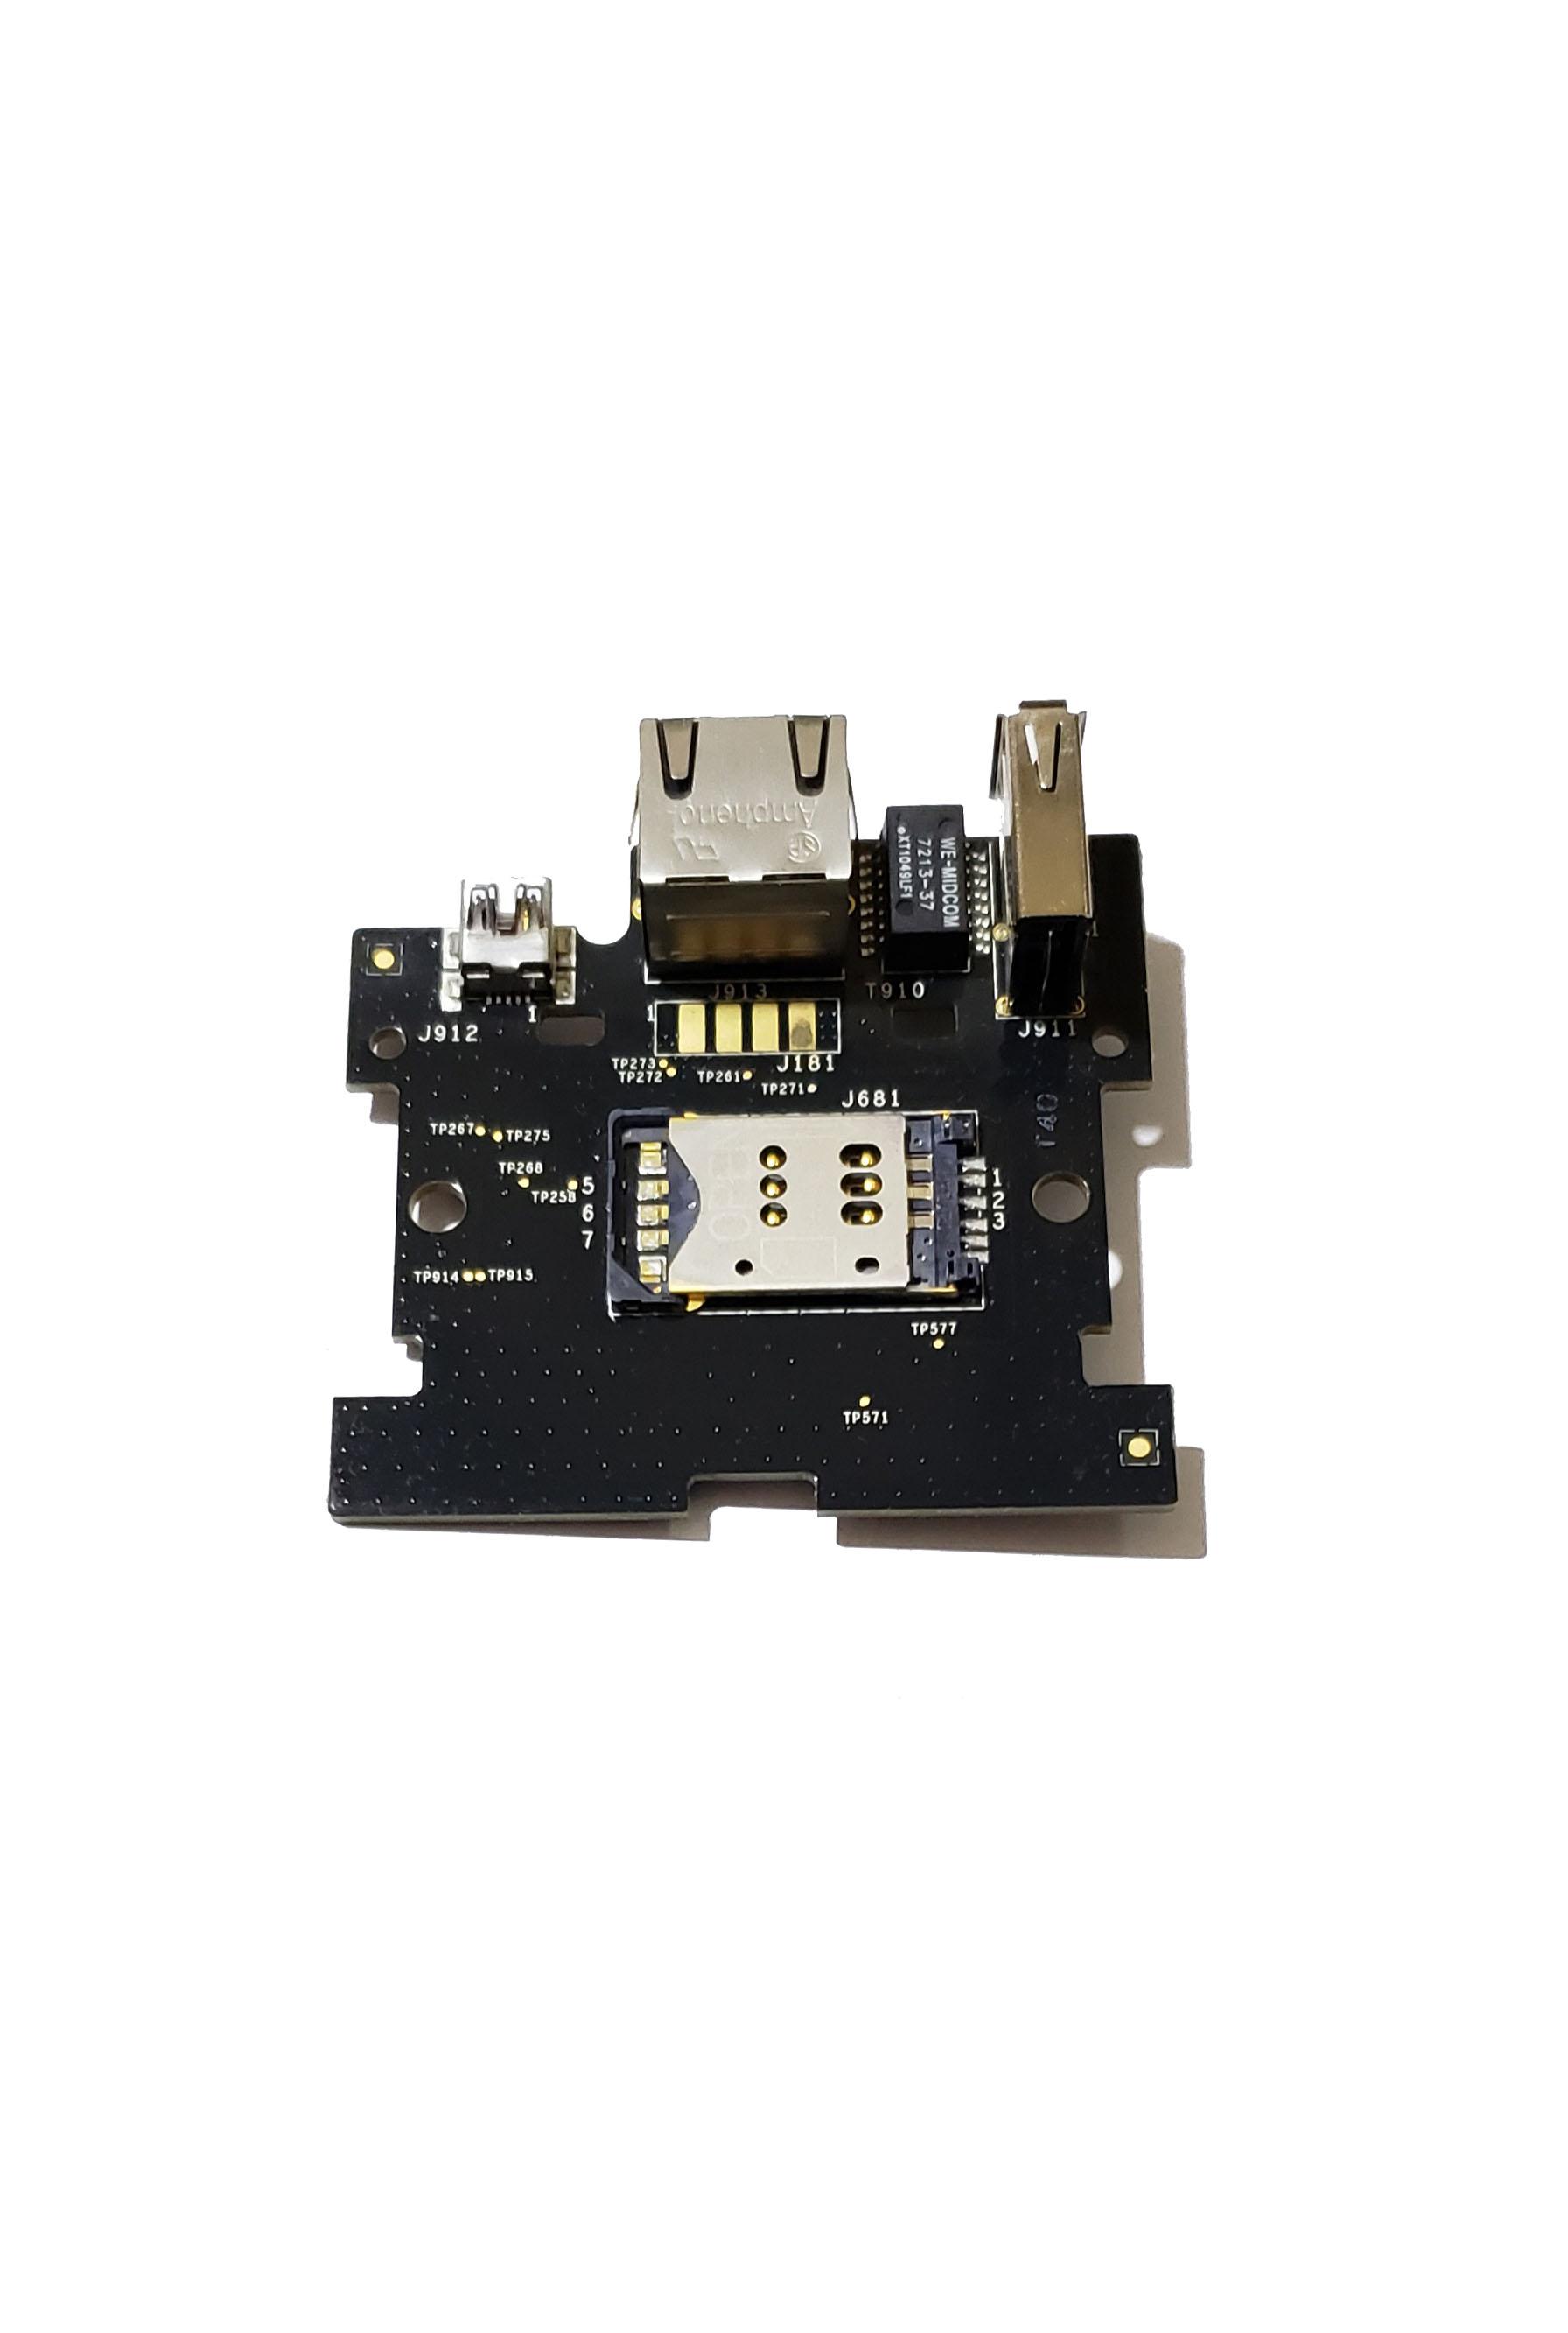 Placa modem Vx520